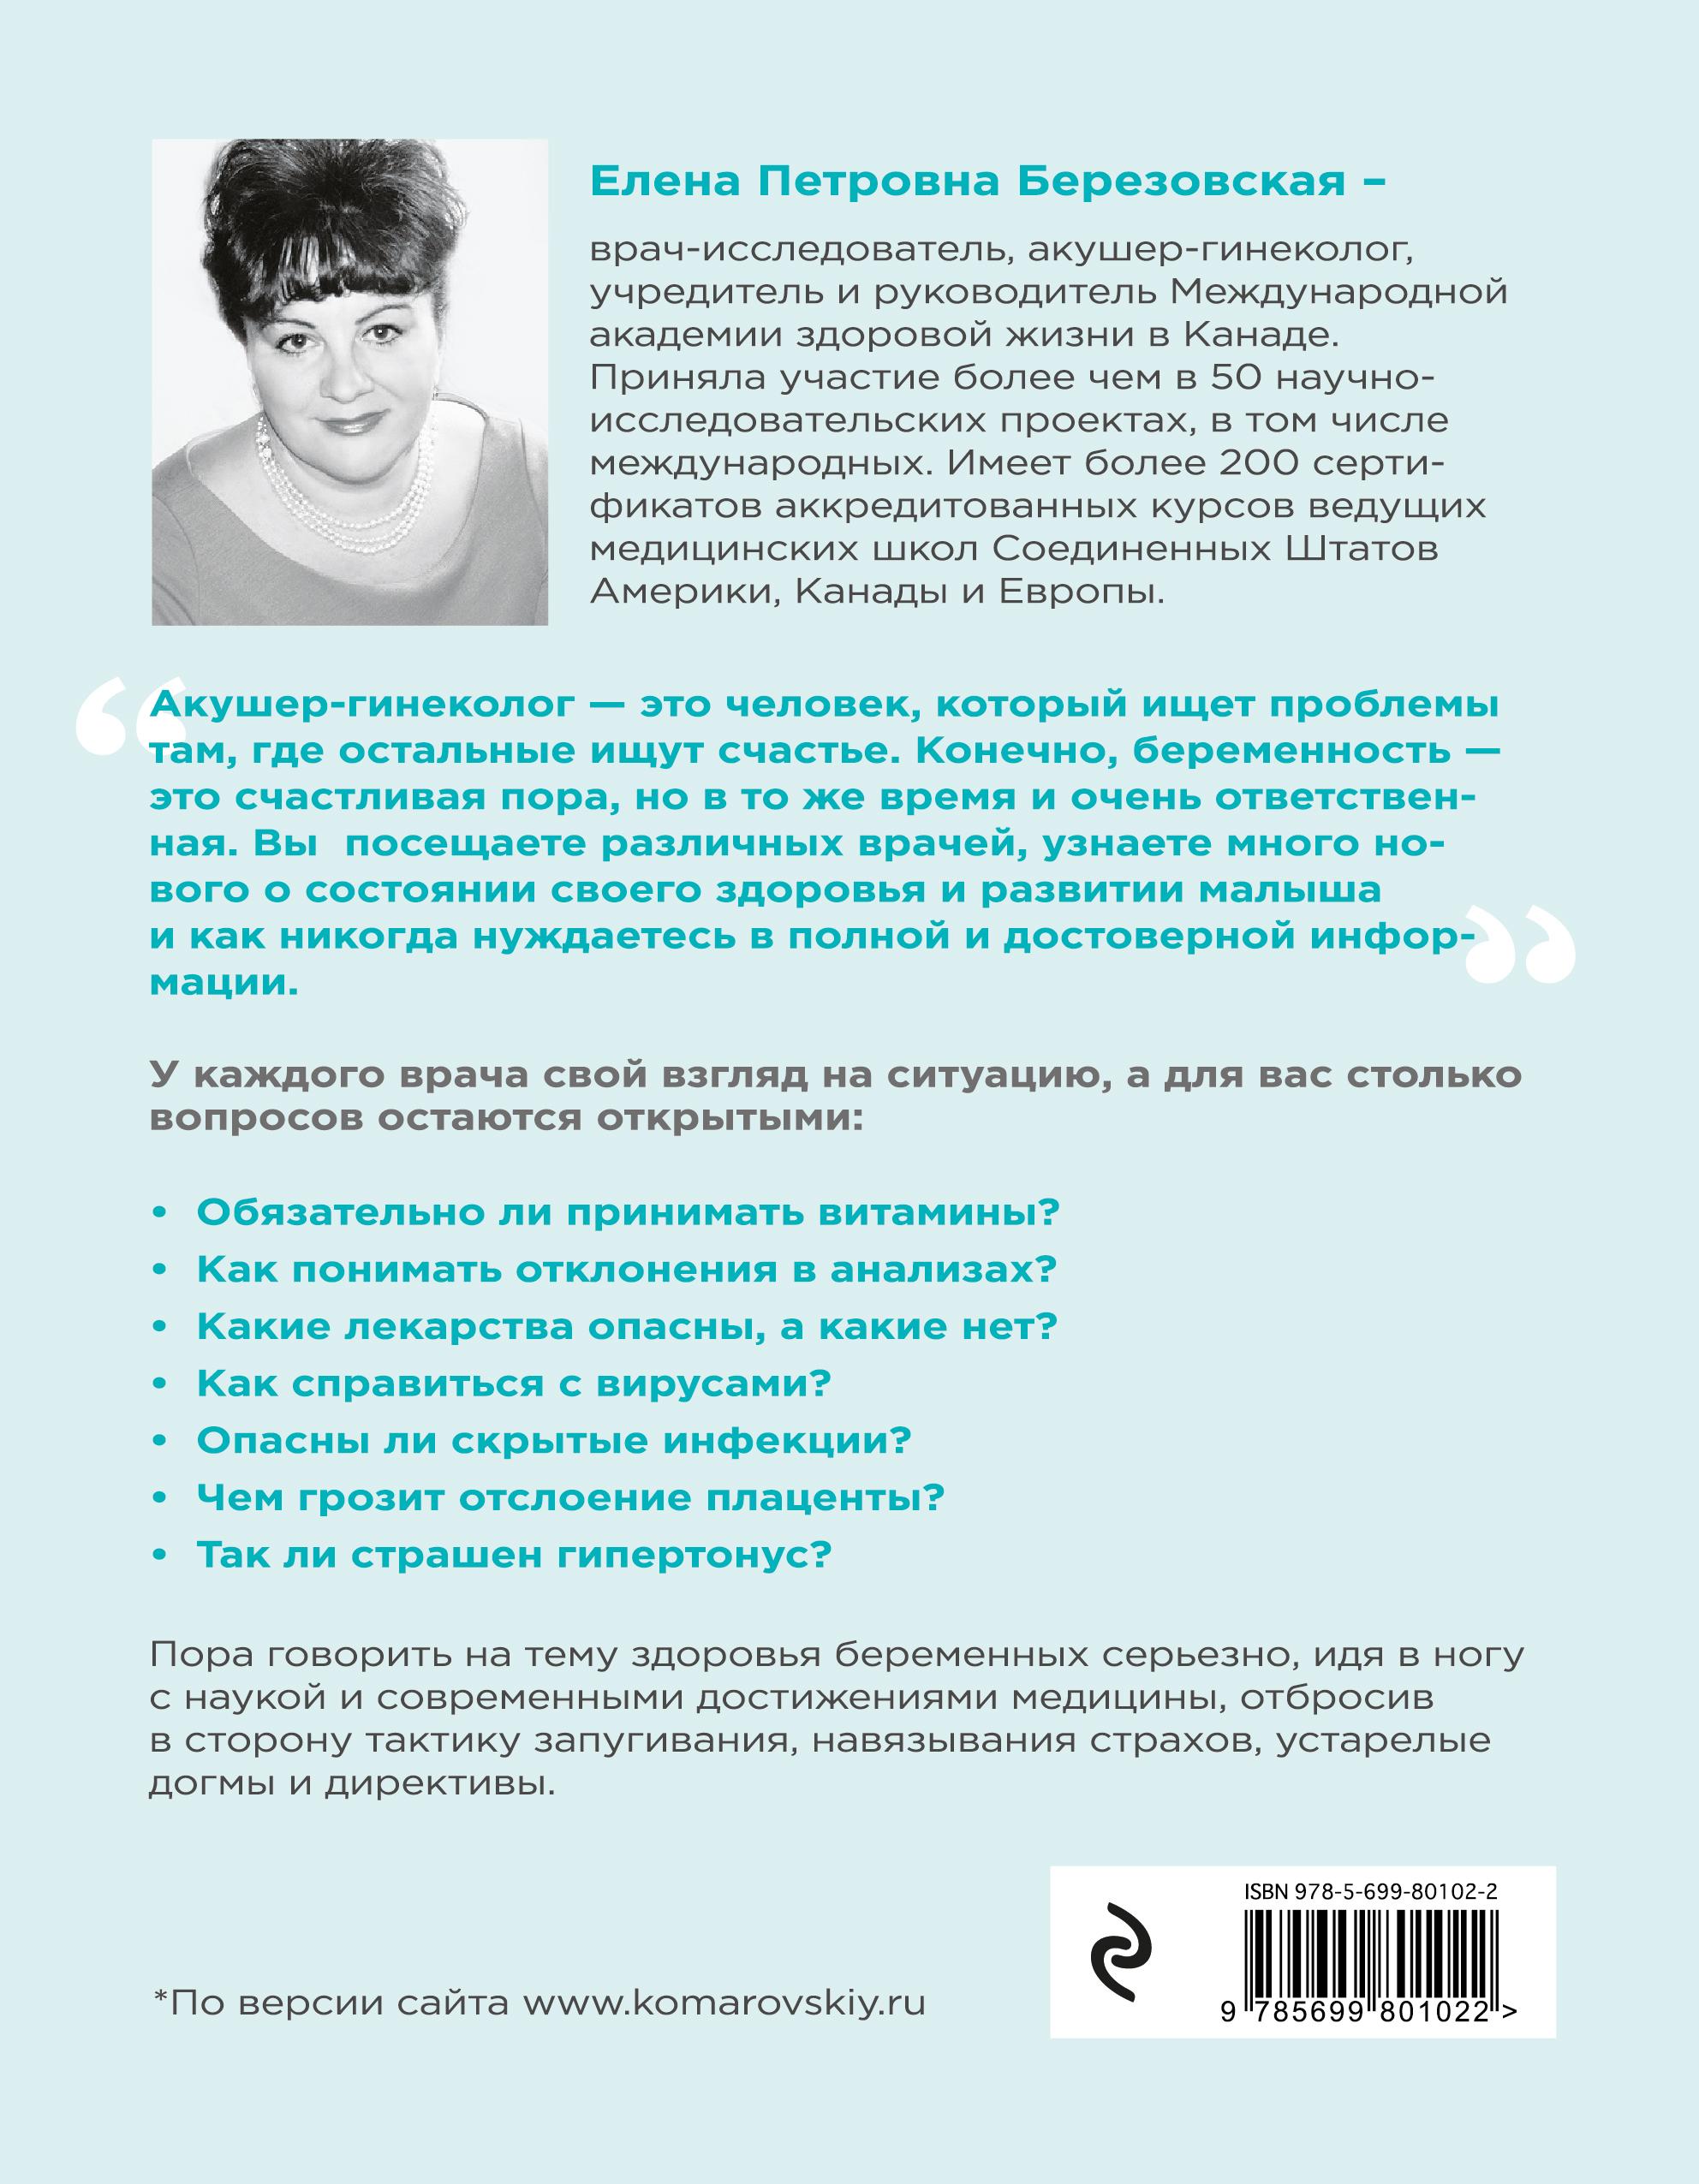 Е. П. Березовская. 9 месяцев счастья. Настольное пособие для беременных женщин